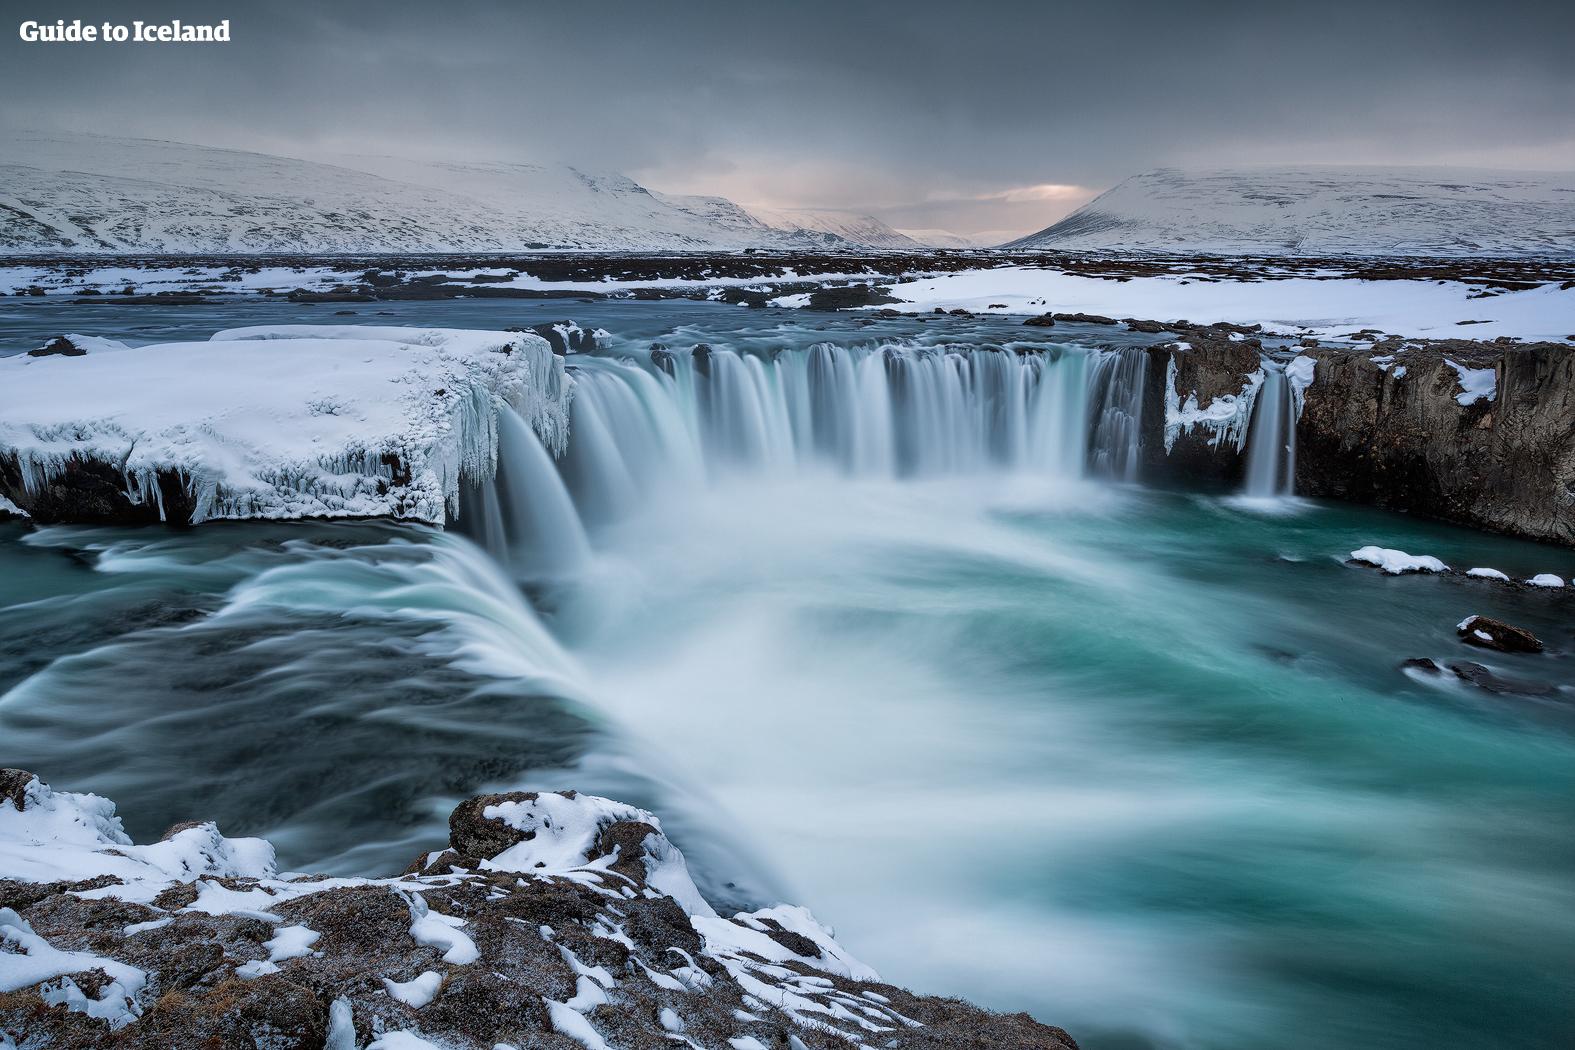 在阿克雷里和米湖之间,是美丽的众神瀑布Godafoss